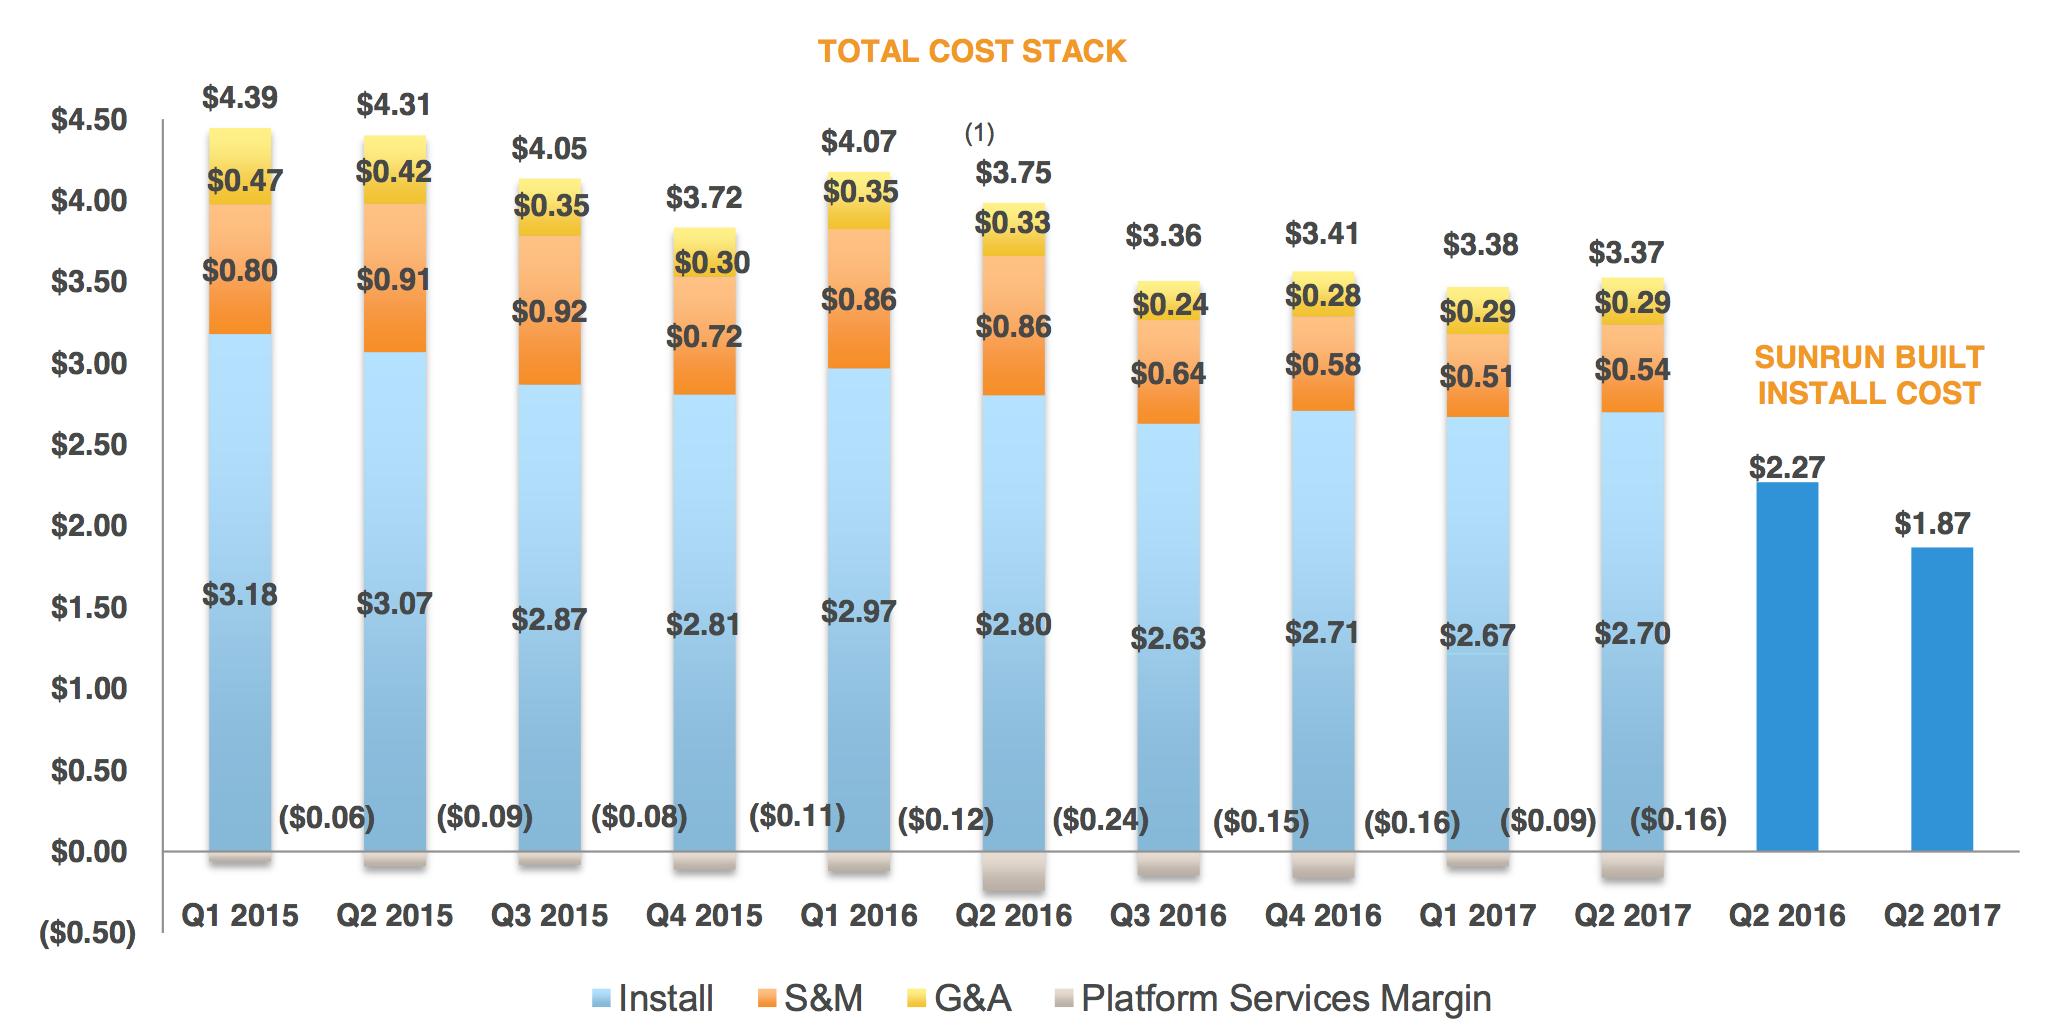 Sunrun's cost per watt over time.